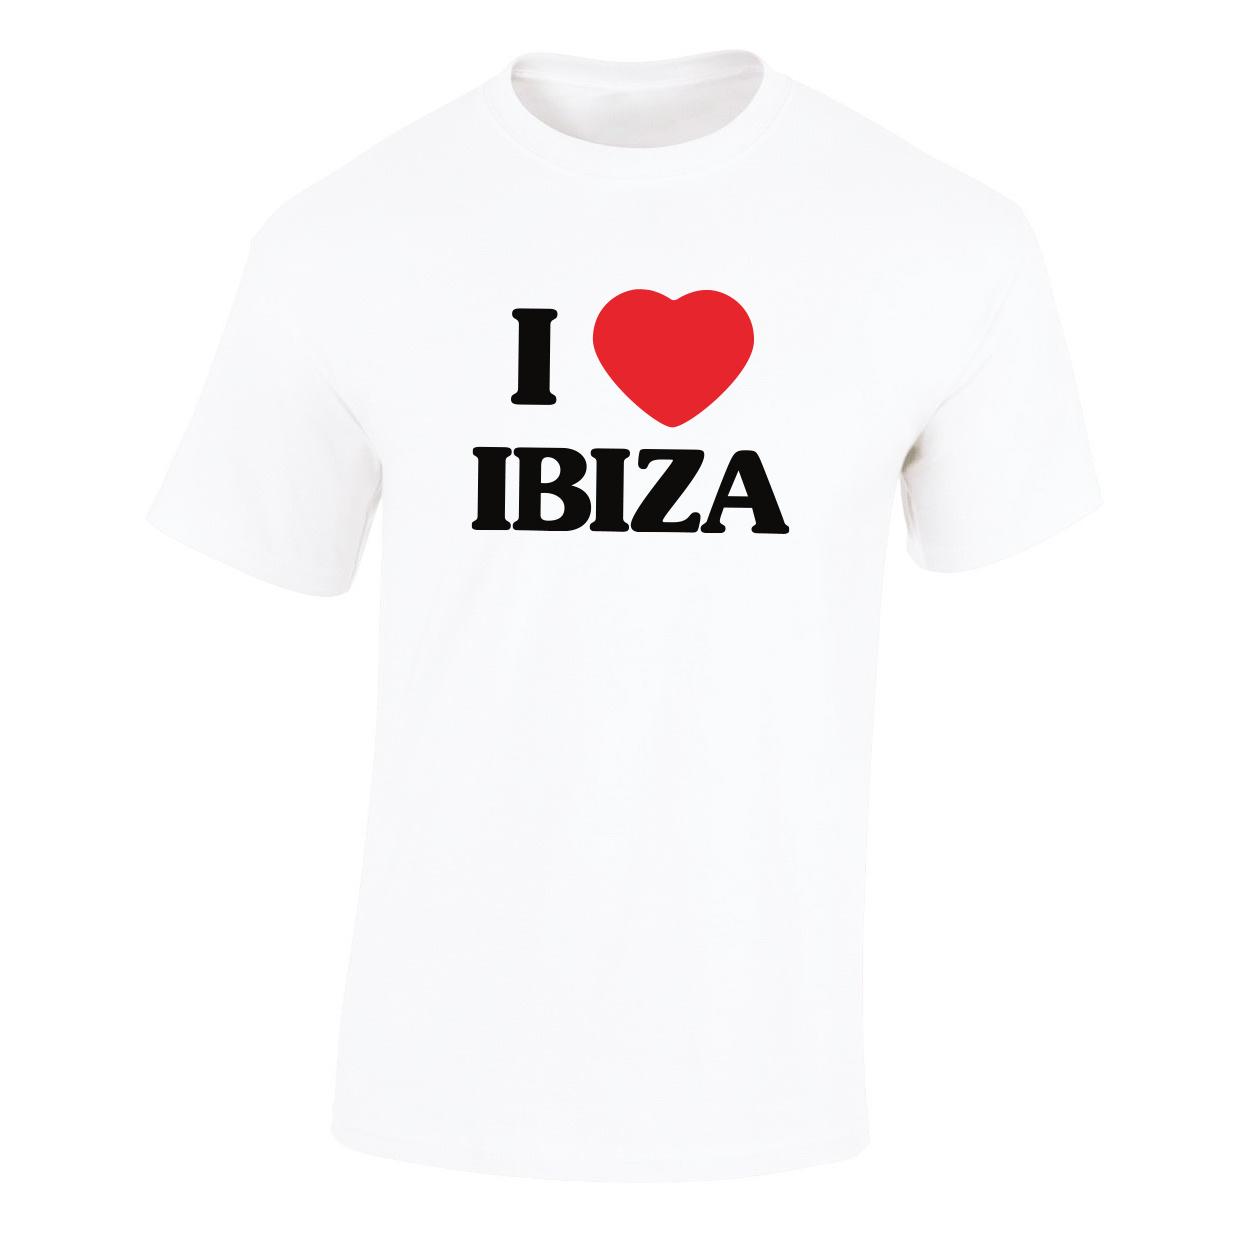 Kommerz mit Herz Ibiza Shirt Weiss